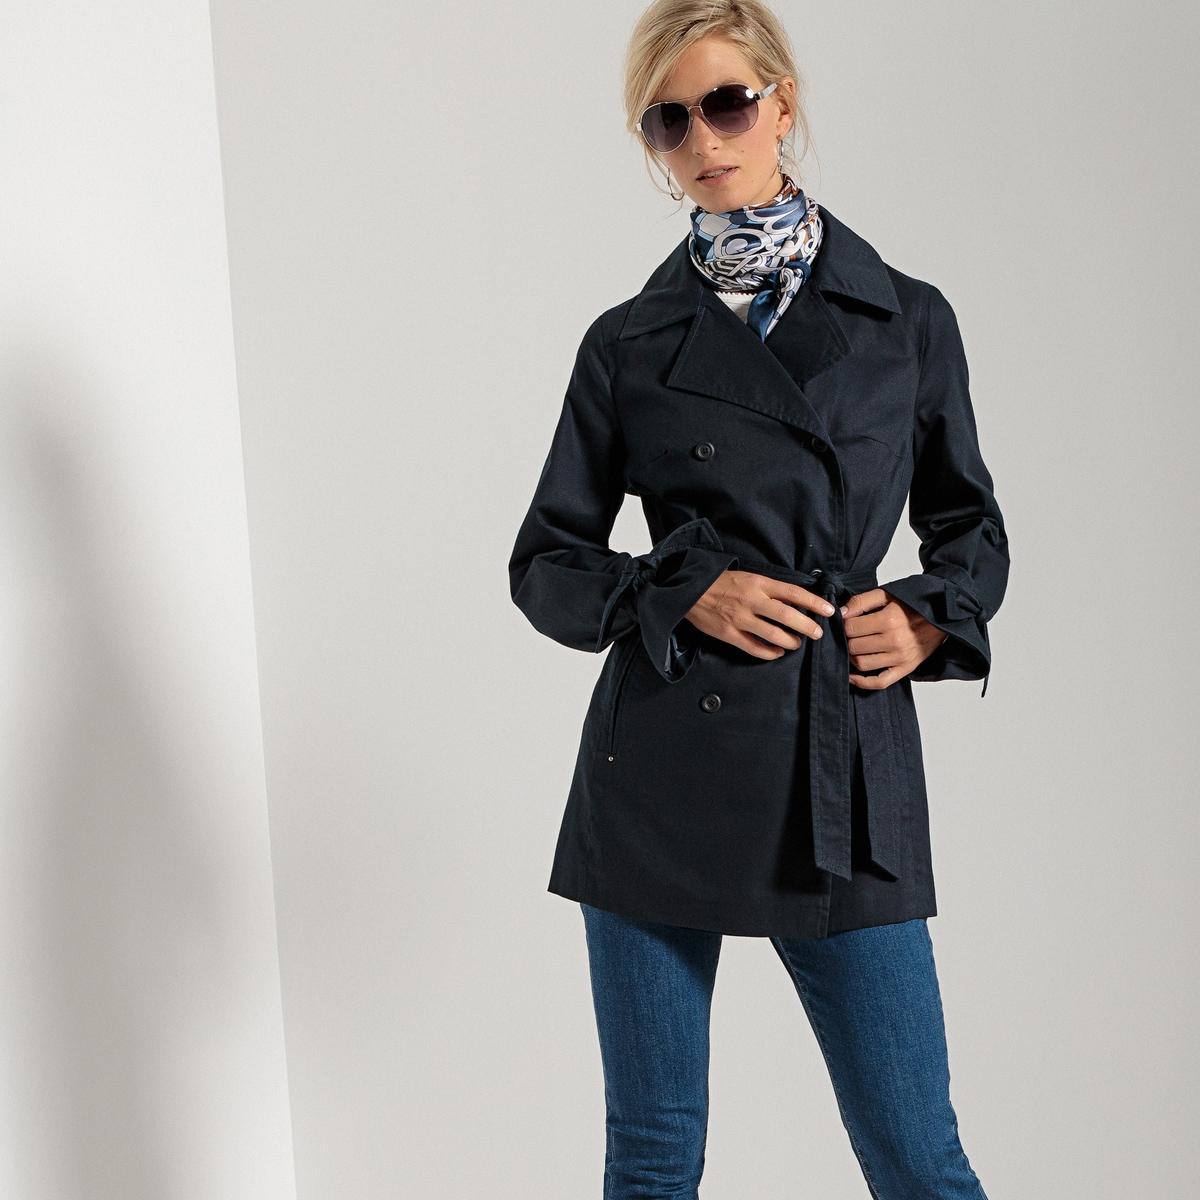 Kurzer Trenchcoat mit Teflon®-Beschichtung | Bekleidung > Mäntel > Trenchcoats | Polyamid - Polyester | ANNE WEYBURN